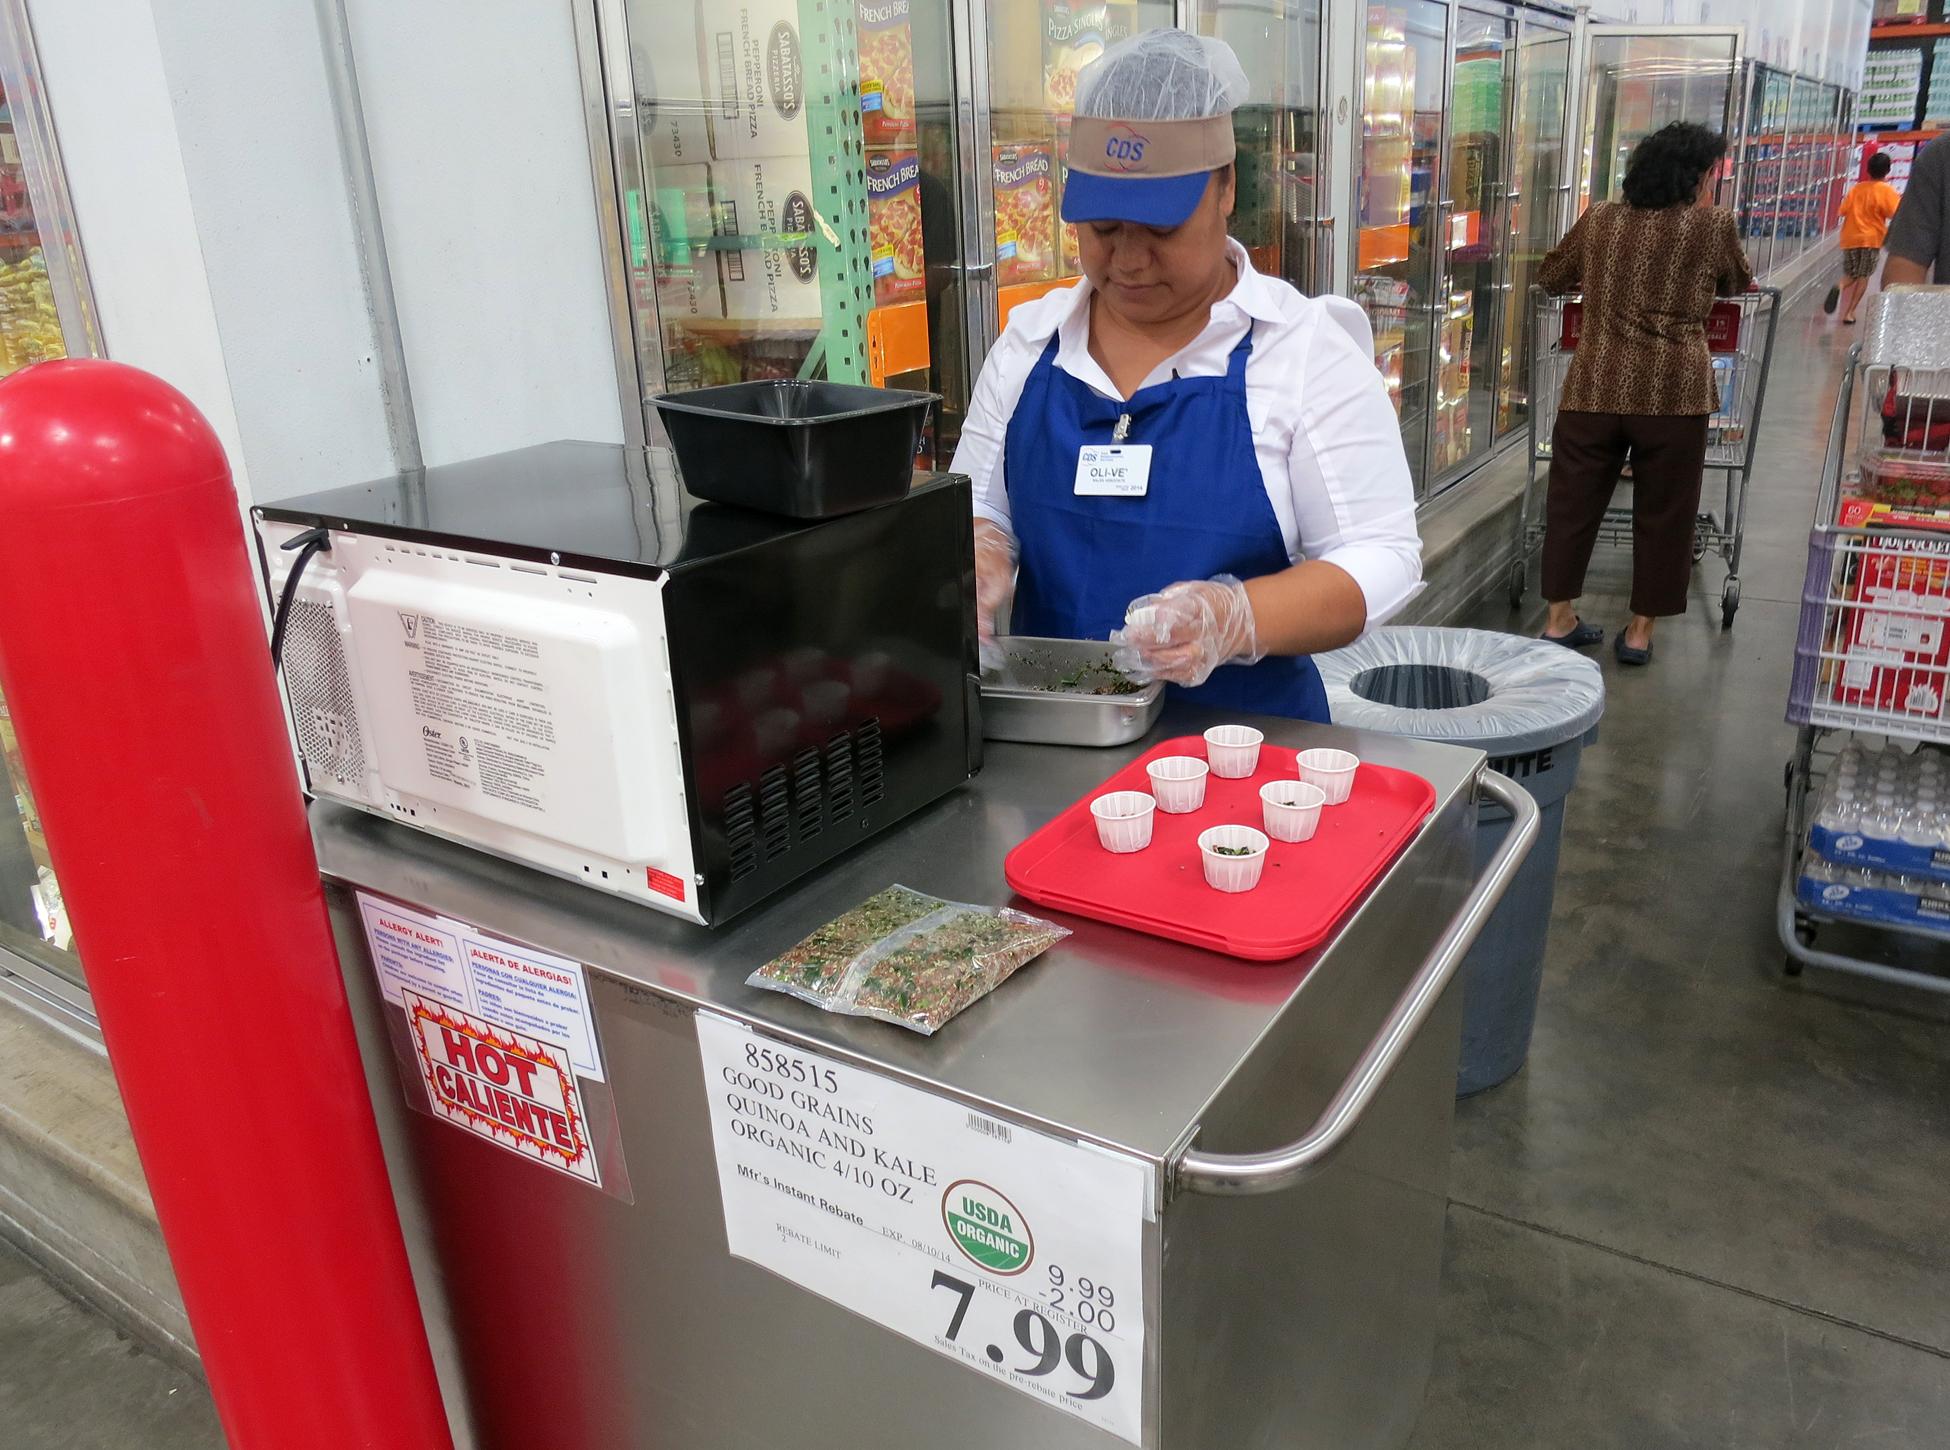 foodie senses taste tasty island da costco sample lady